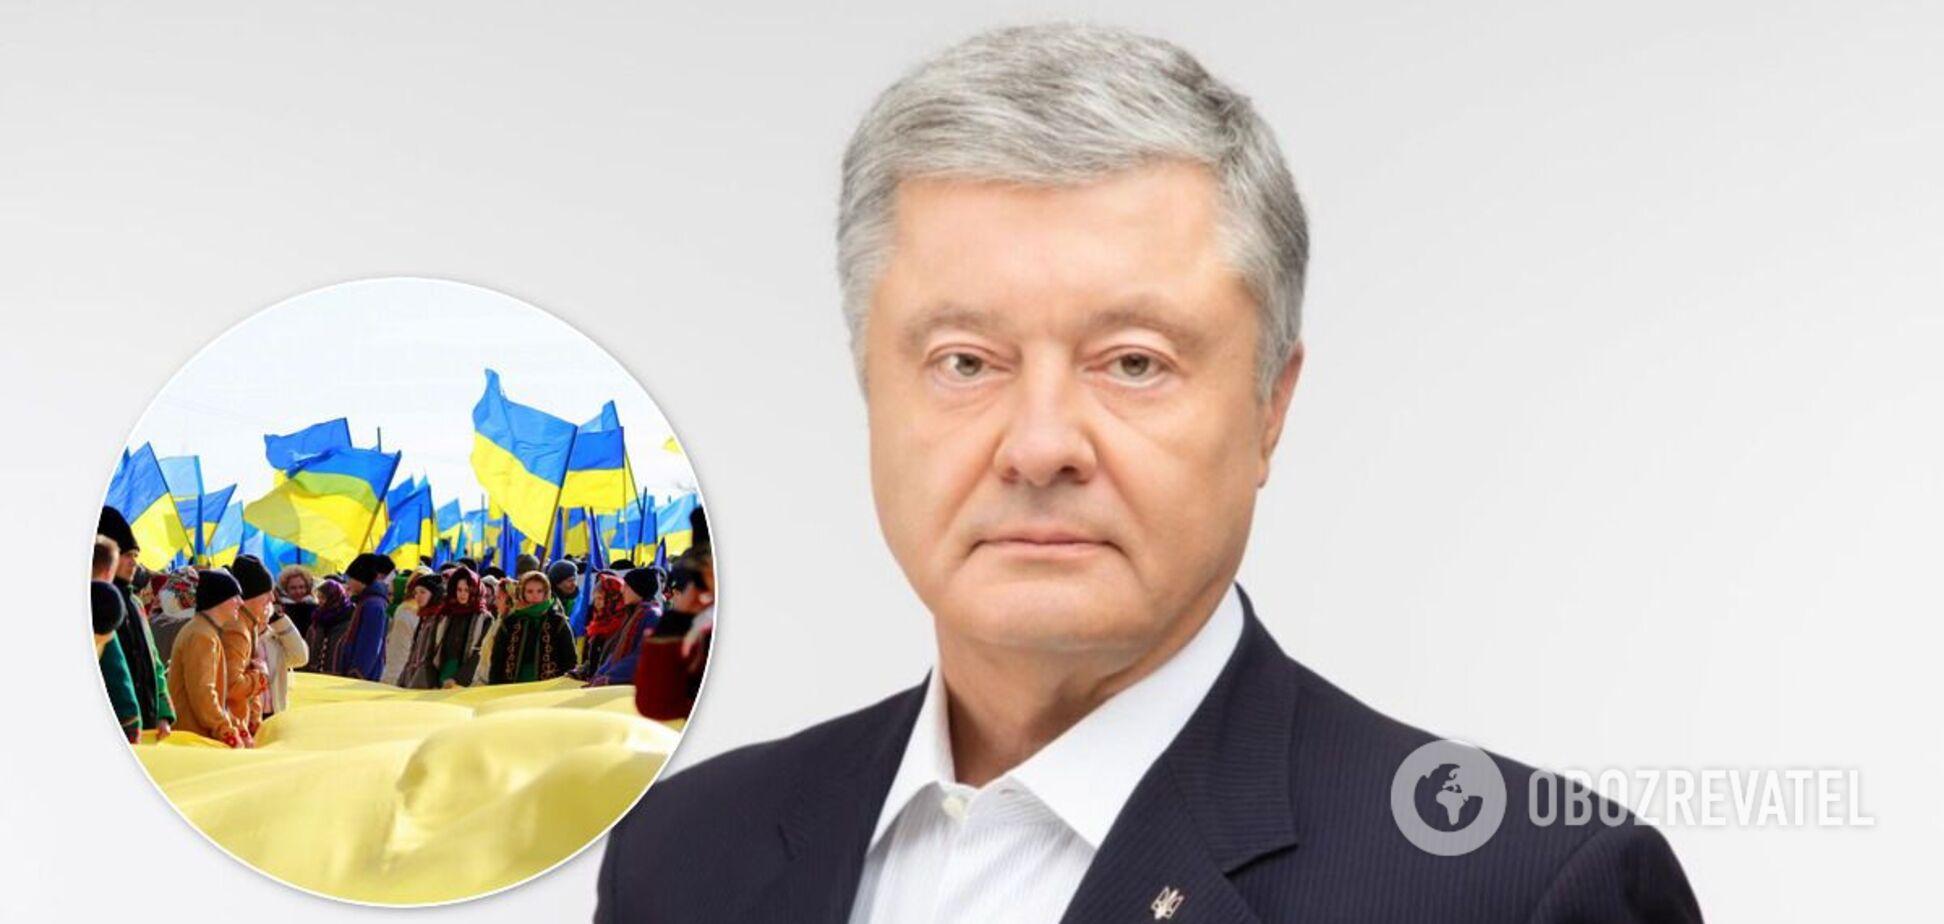 Порошенко в День Соборности призвал давить на РФ, пока не будут освобождены украинские земли